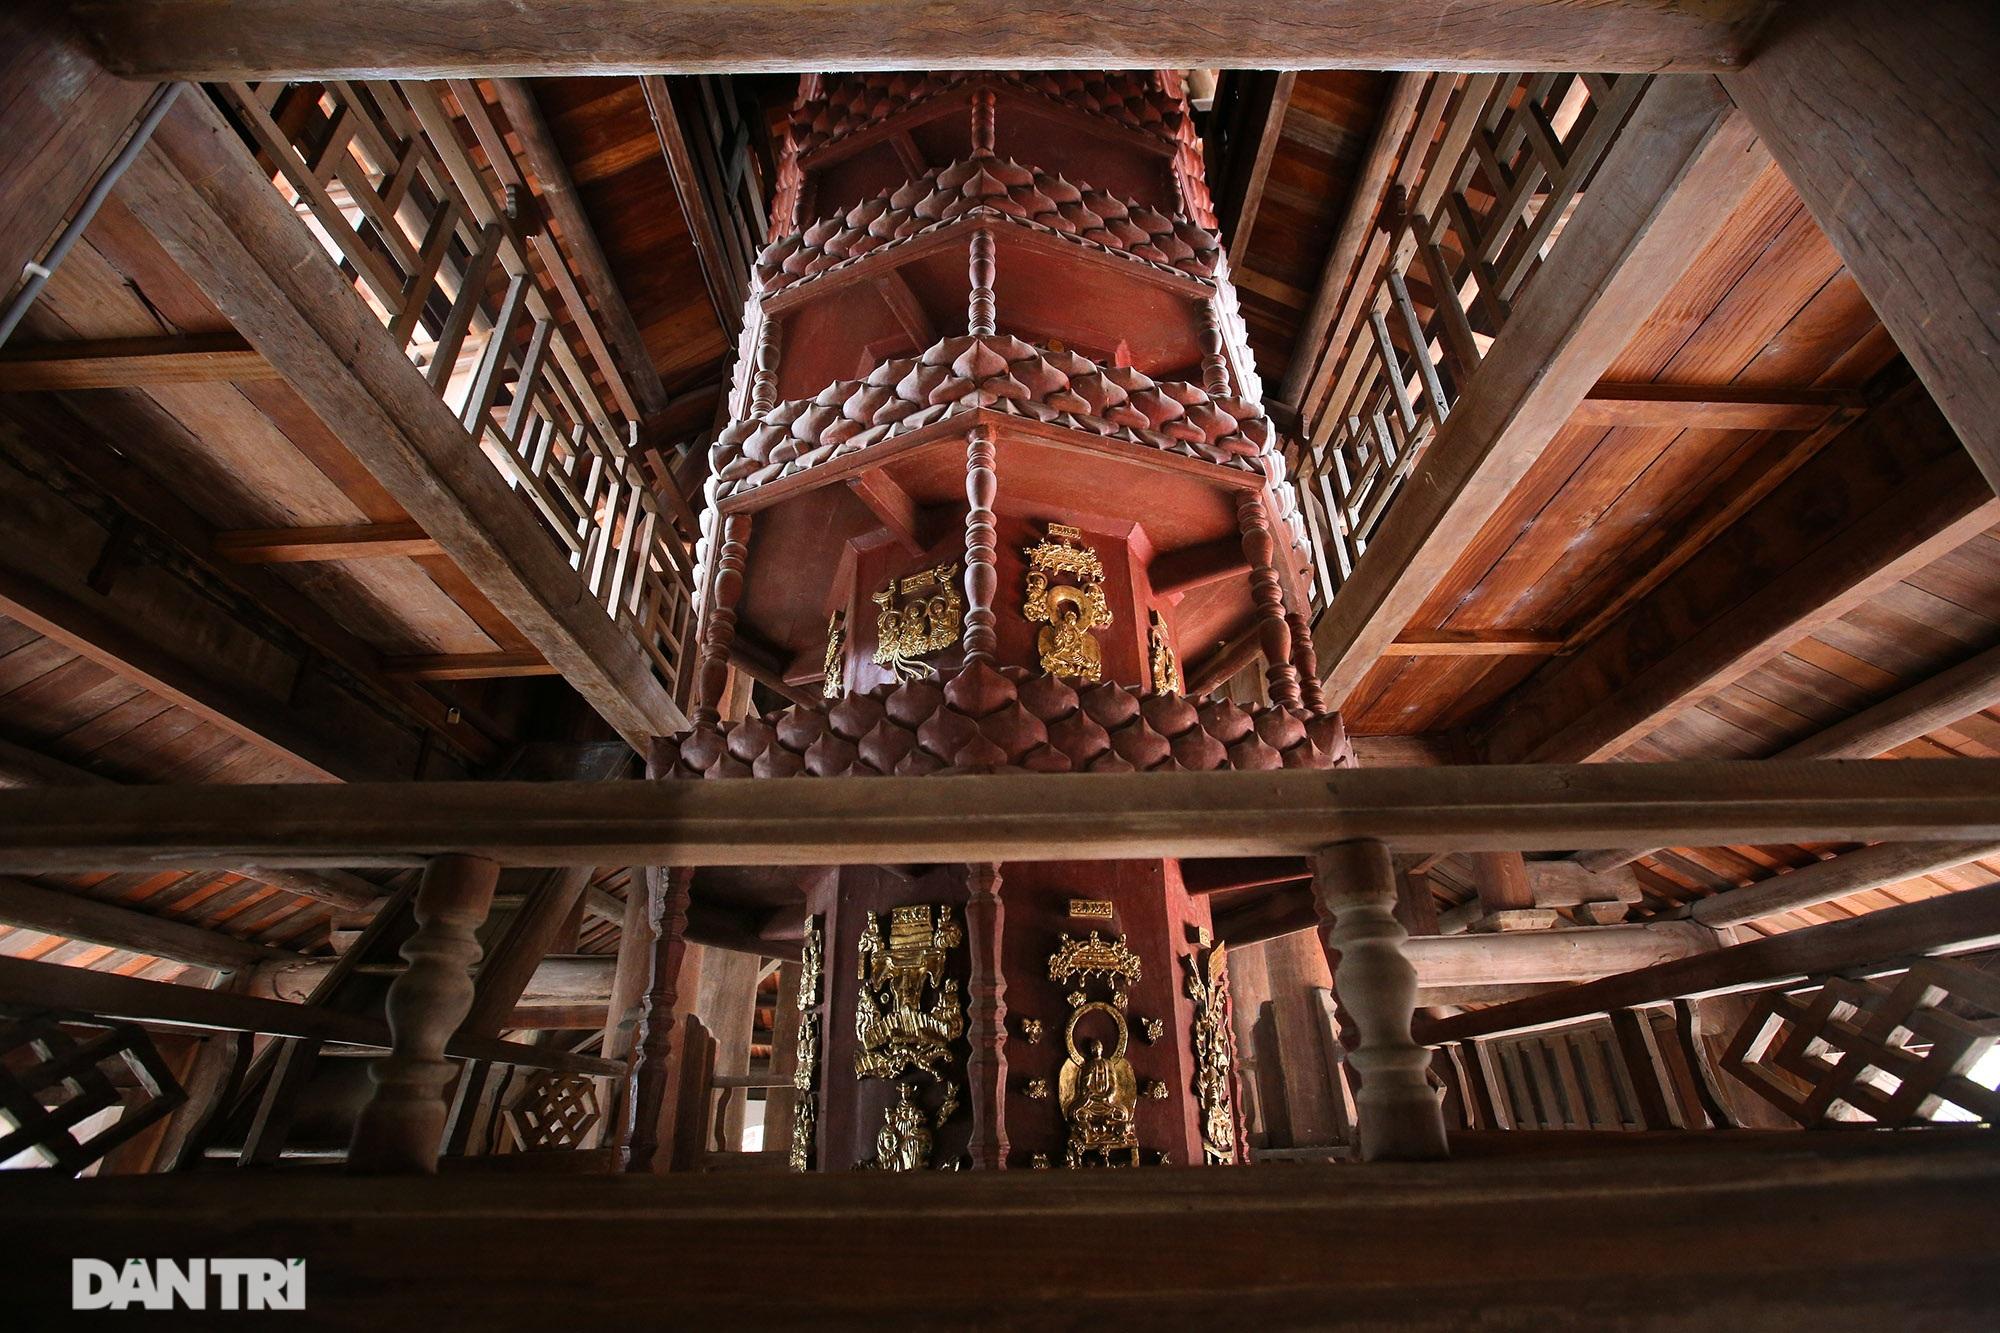 Chiêm ngưỡng bảo vật quốc gia mới: Kiệt tác Cửu phẩm liên hoa chùa Bút Tháp - 2